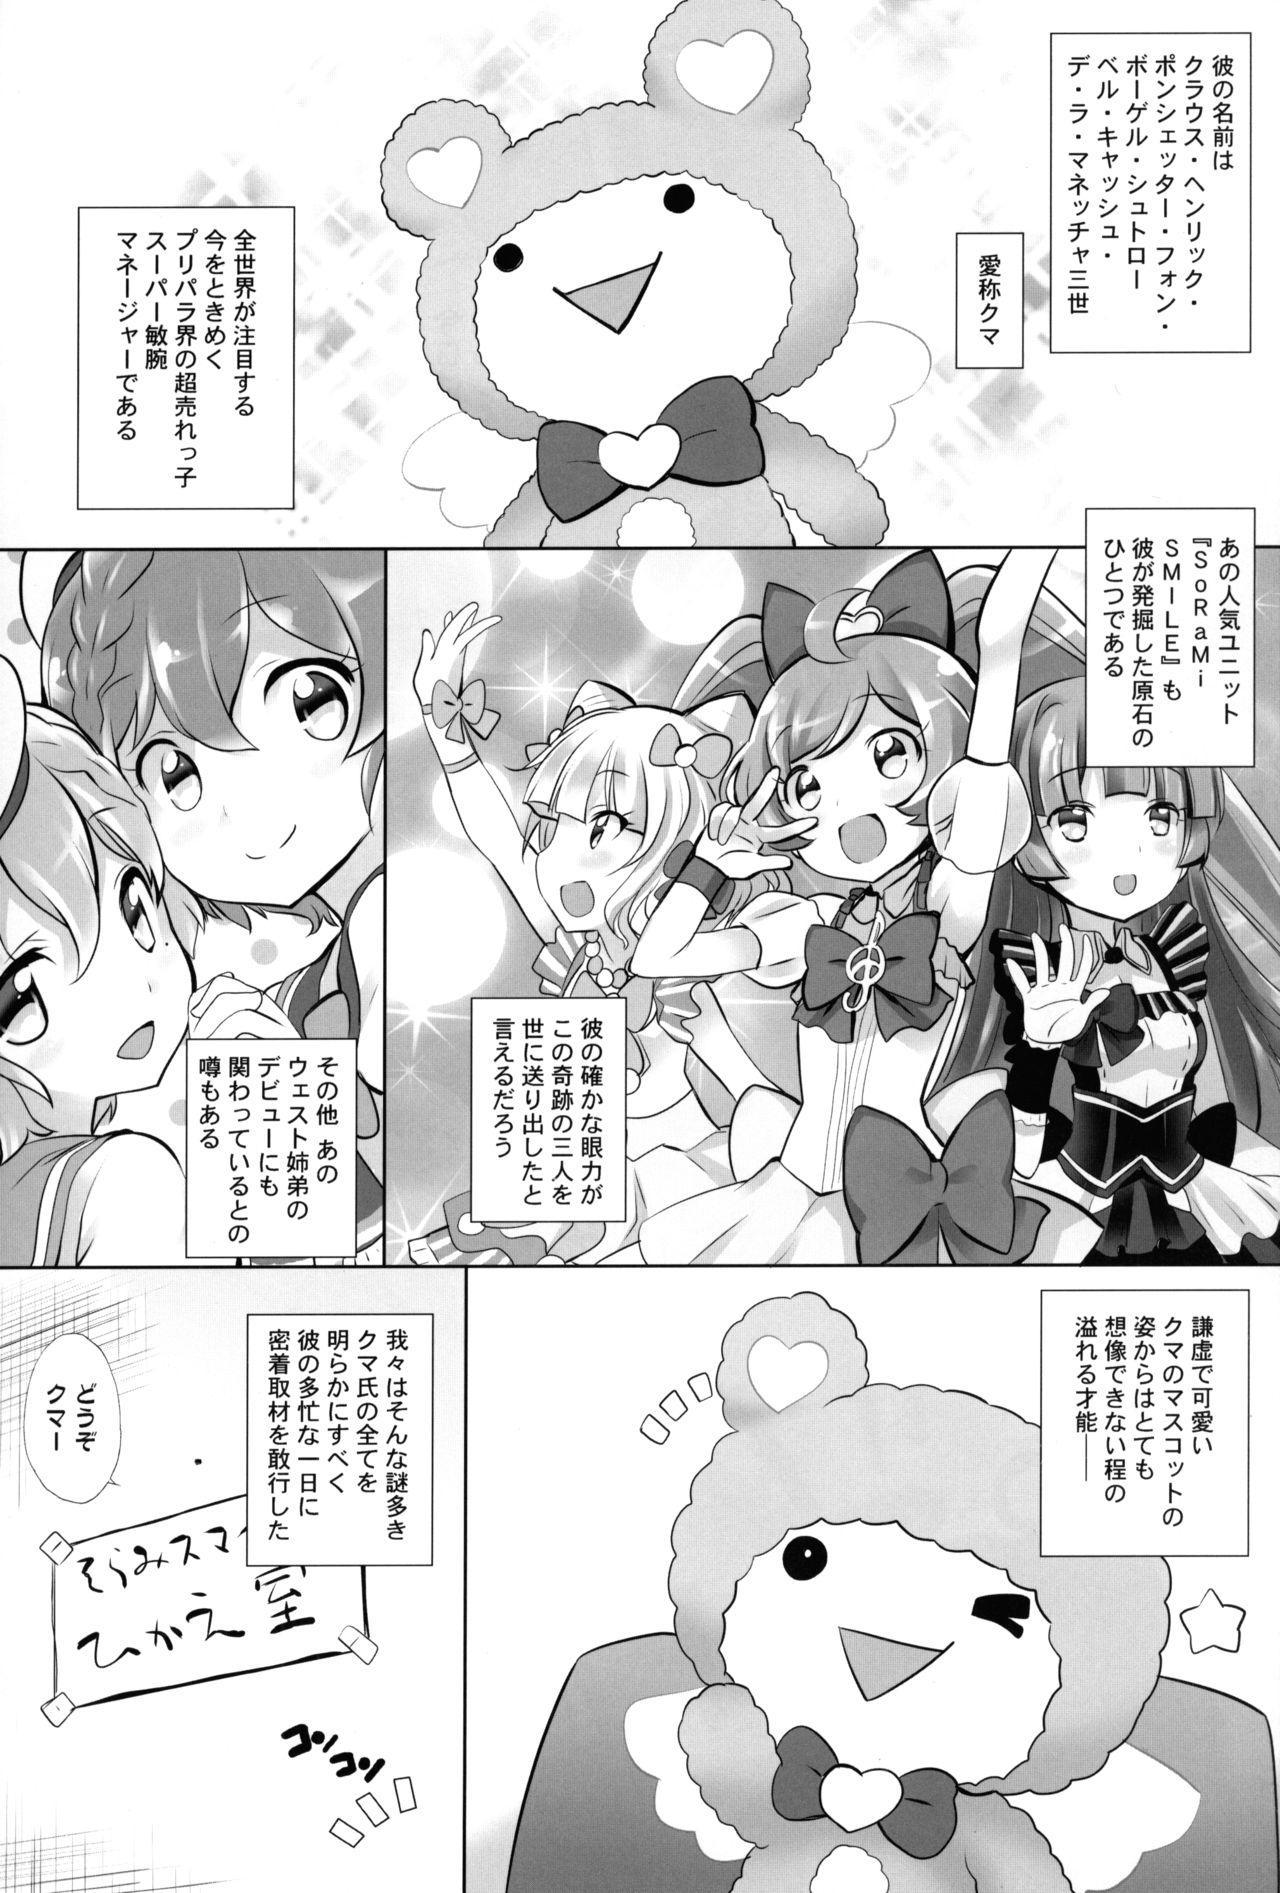 Kashikuma!! 3